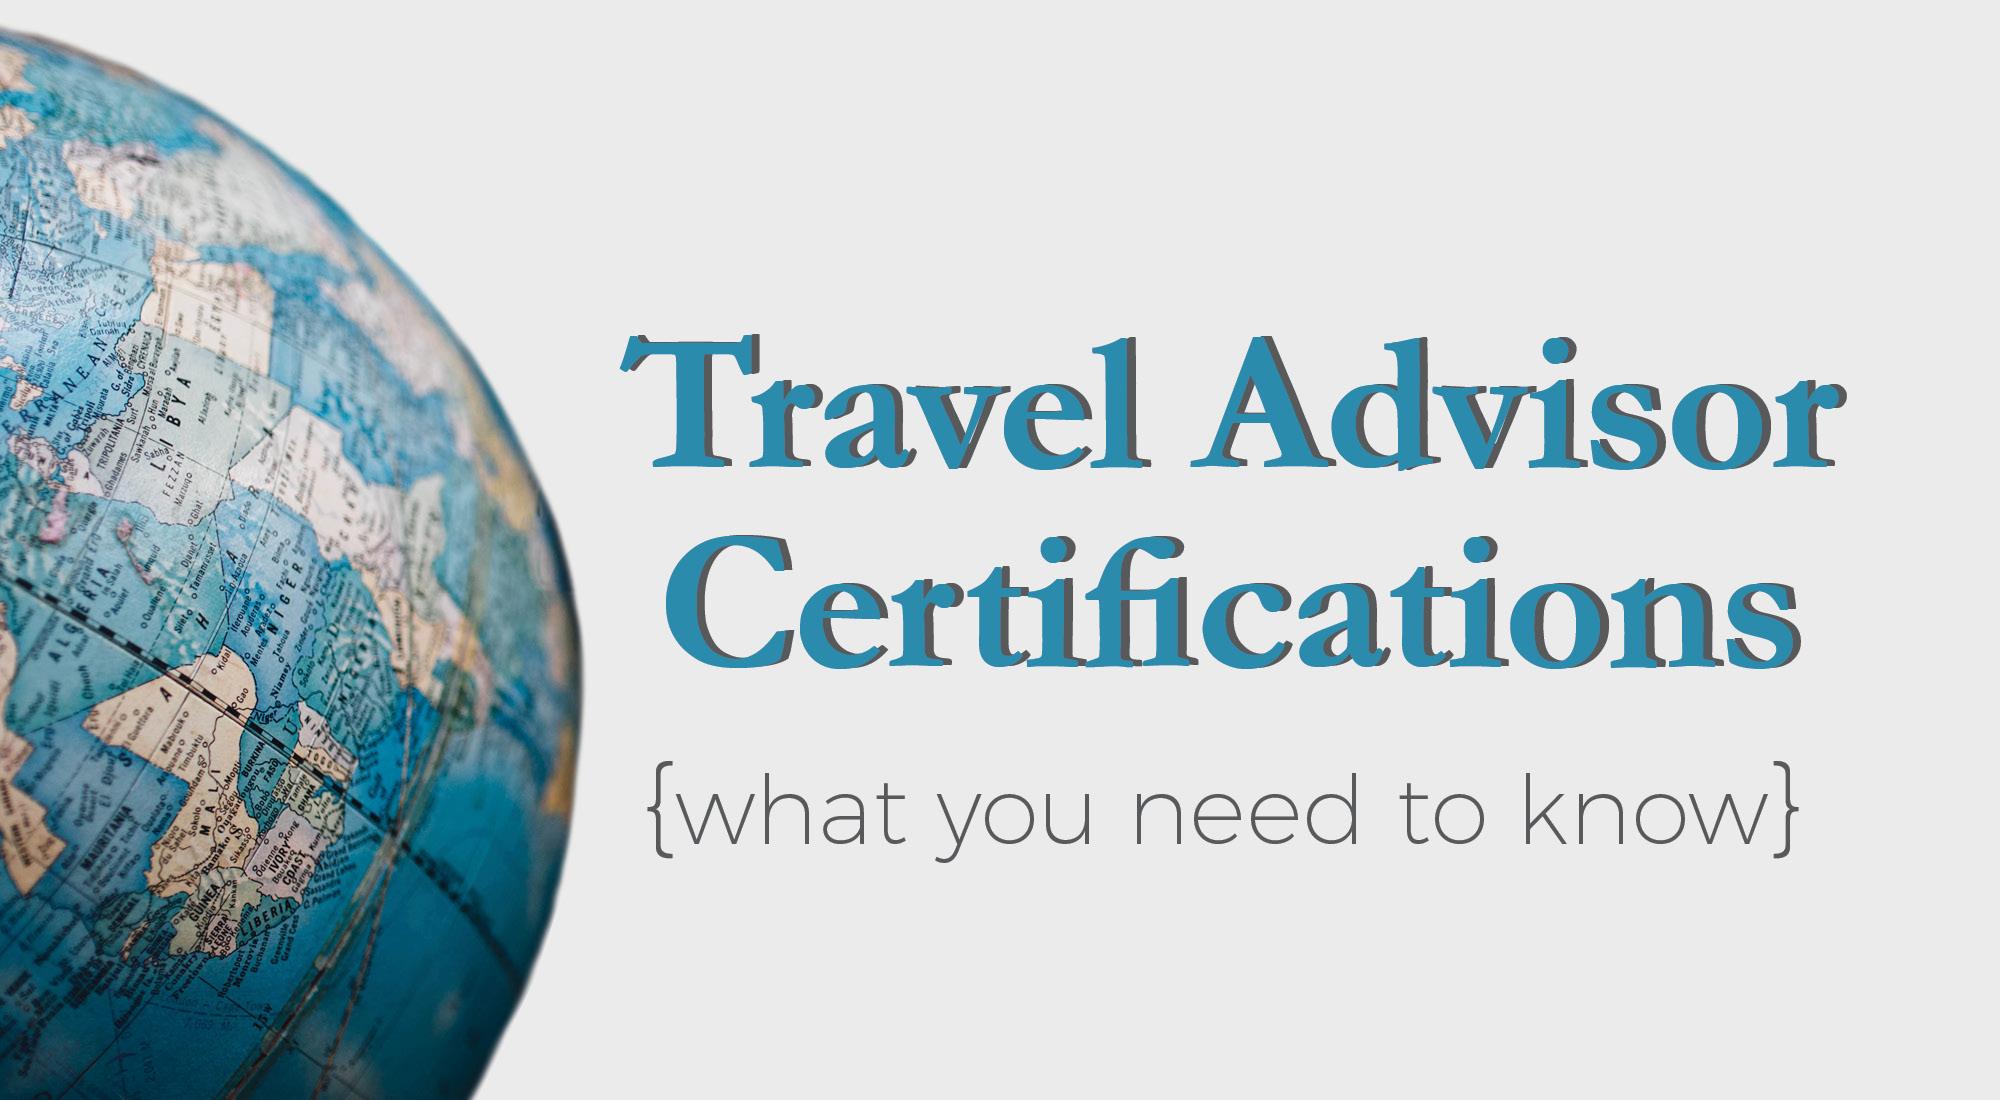 Travel Advisor Certifications Brownell Hosting